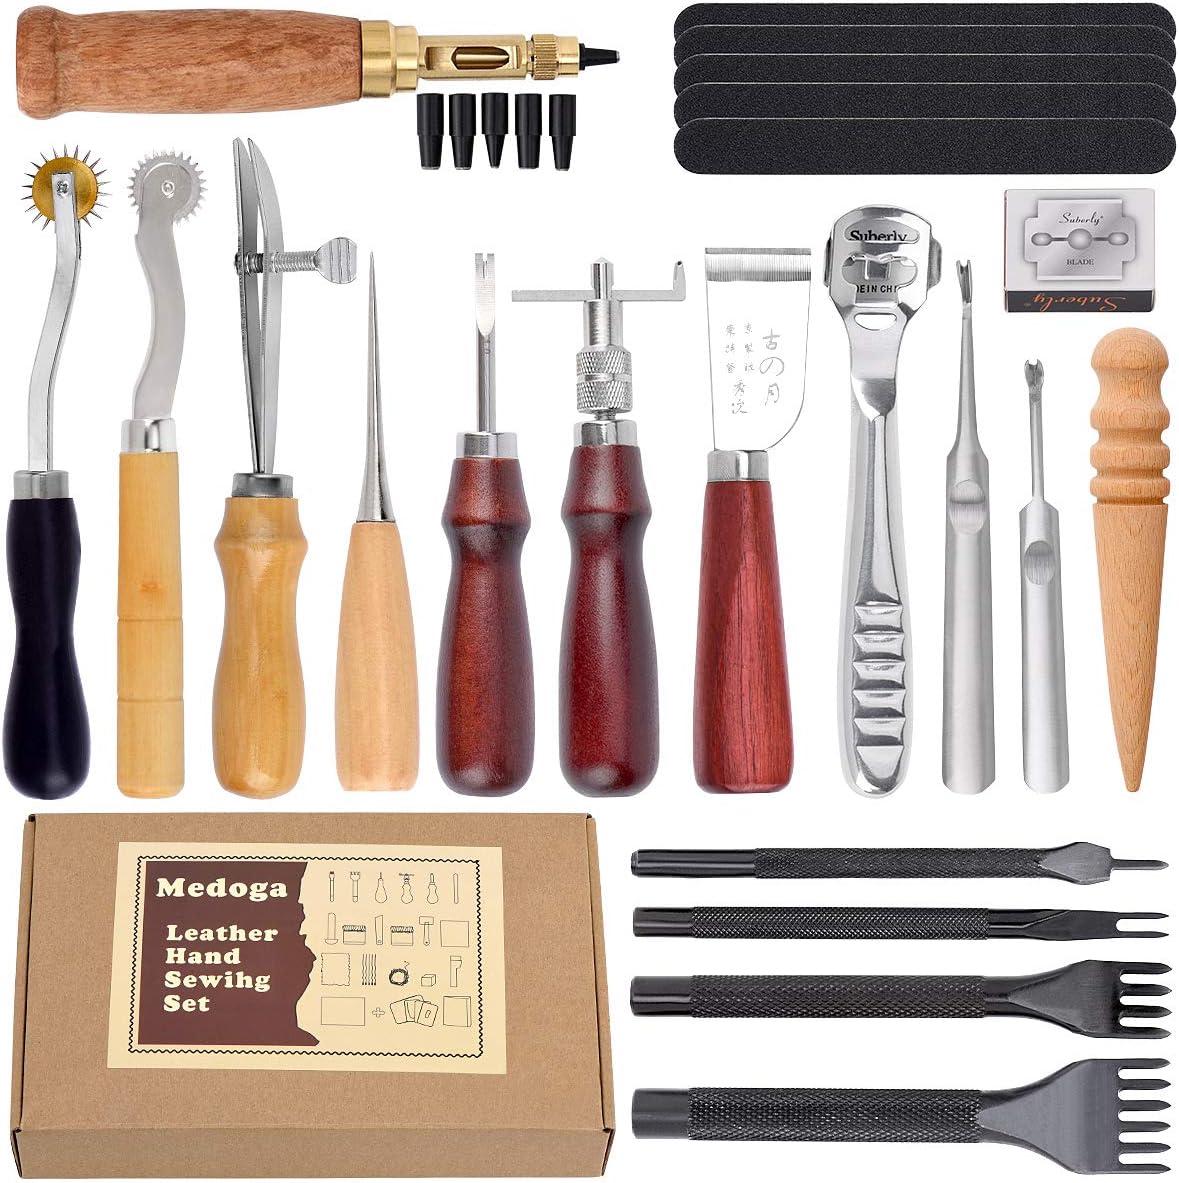 Kit de herramientas de perforación de piel, 18 piezas de costuras para tallar, costura, sillín de costura, cuero para manualidades, herramientas de bricolaje 18